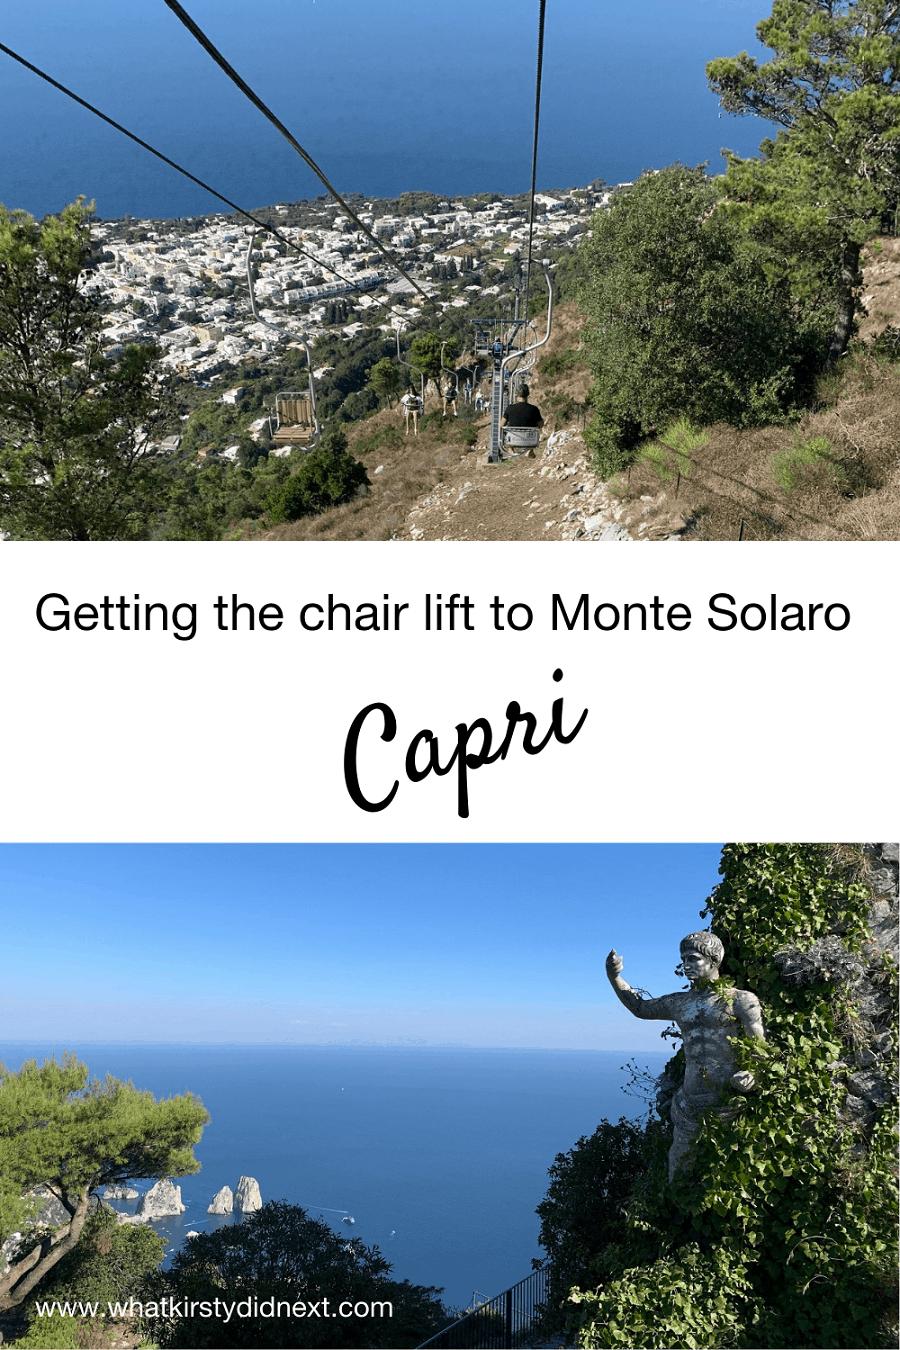 The chair lift to Monte Solaro in Capri